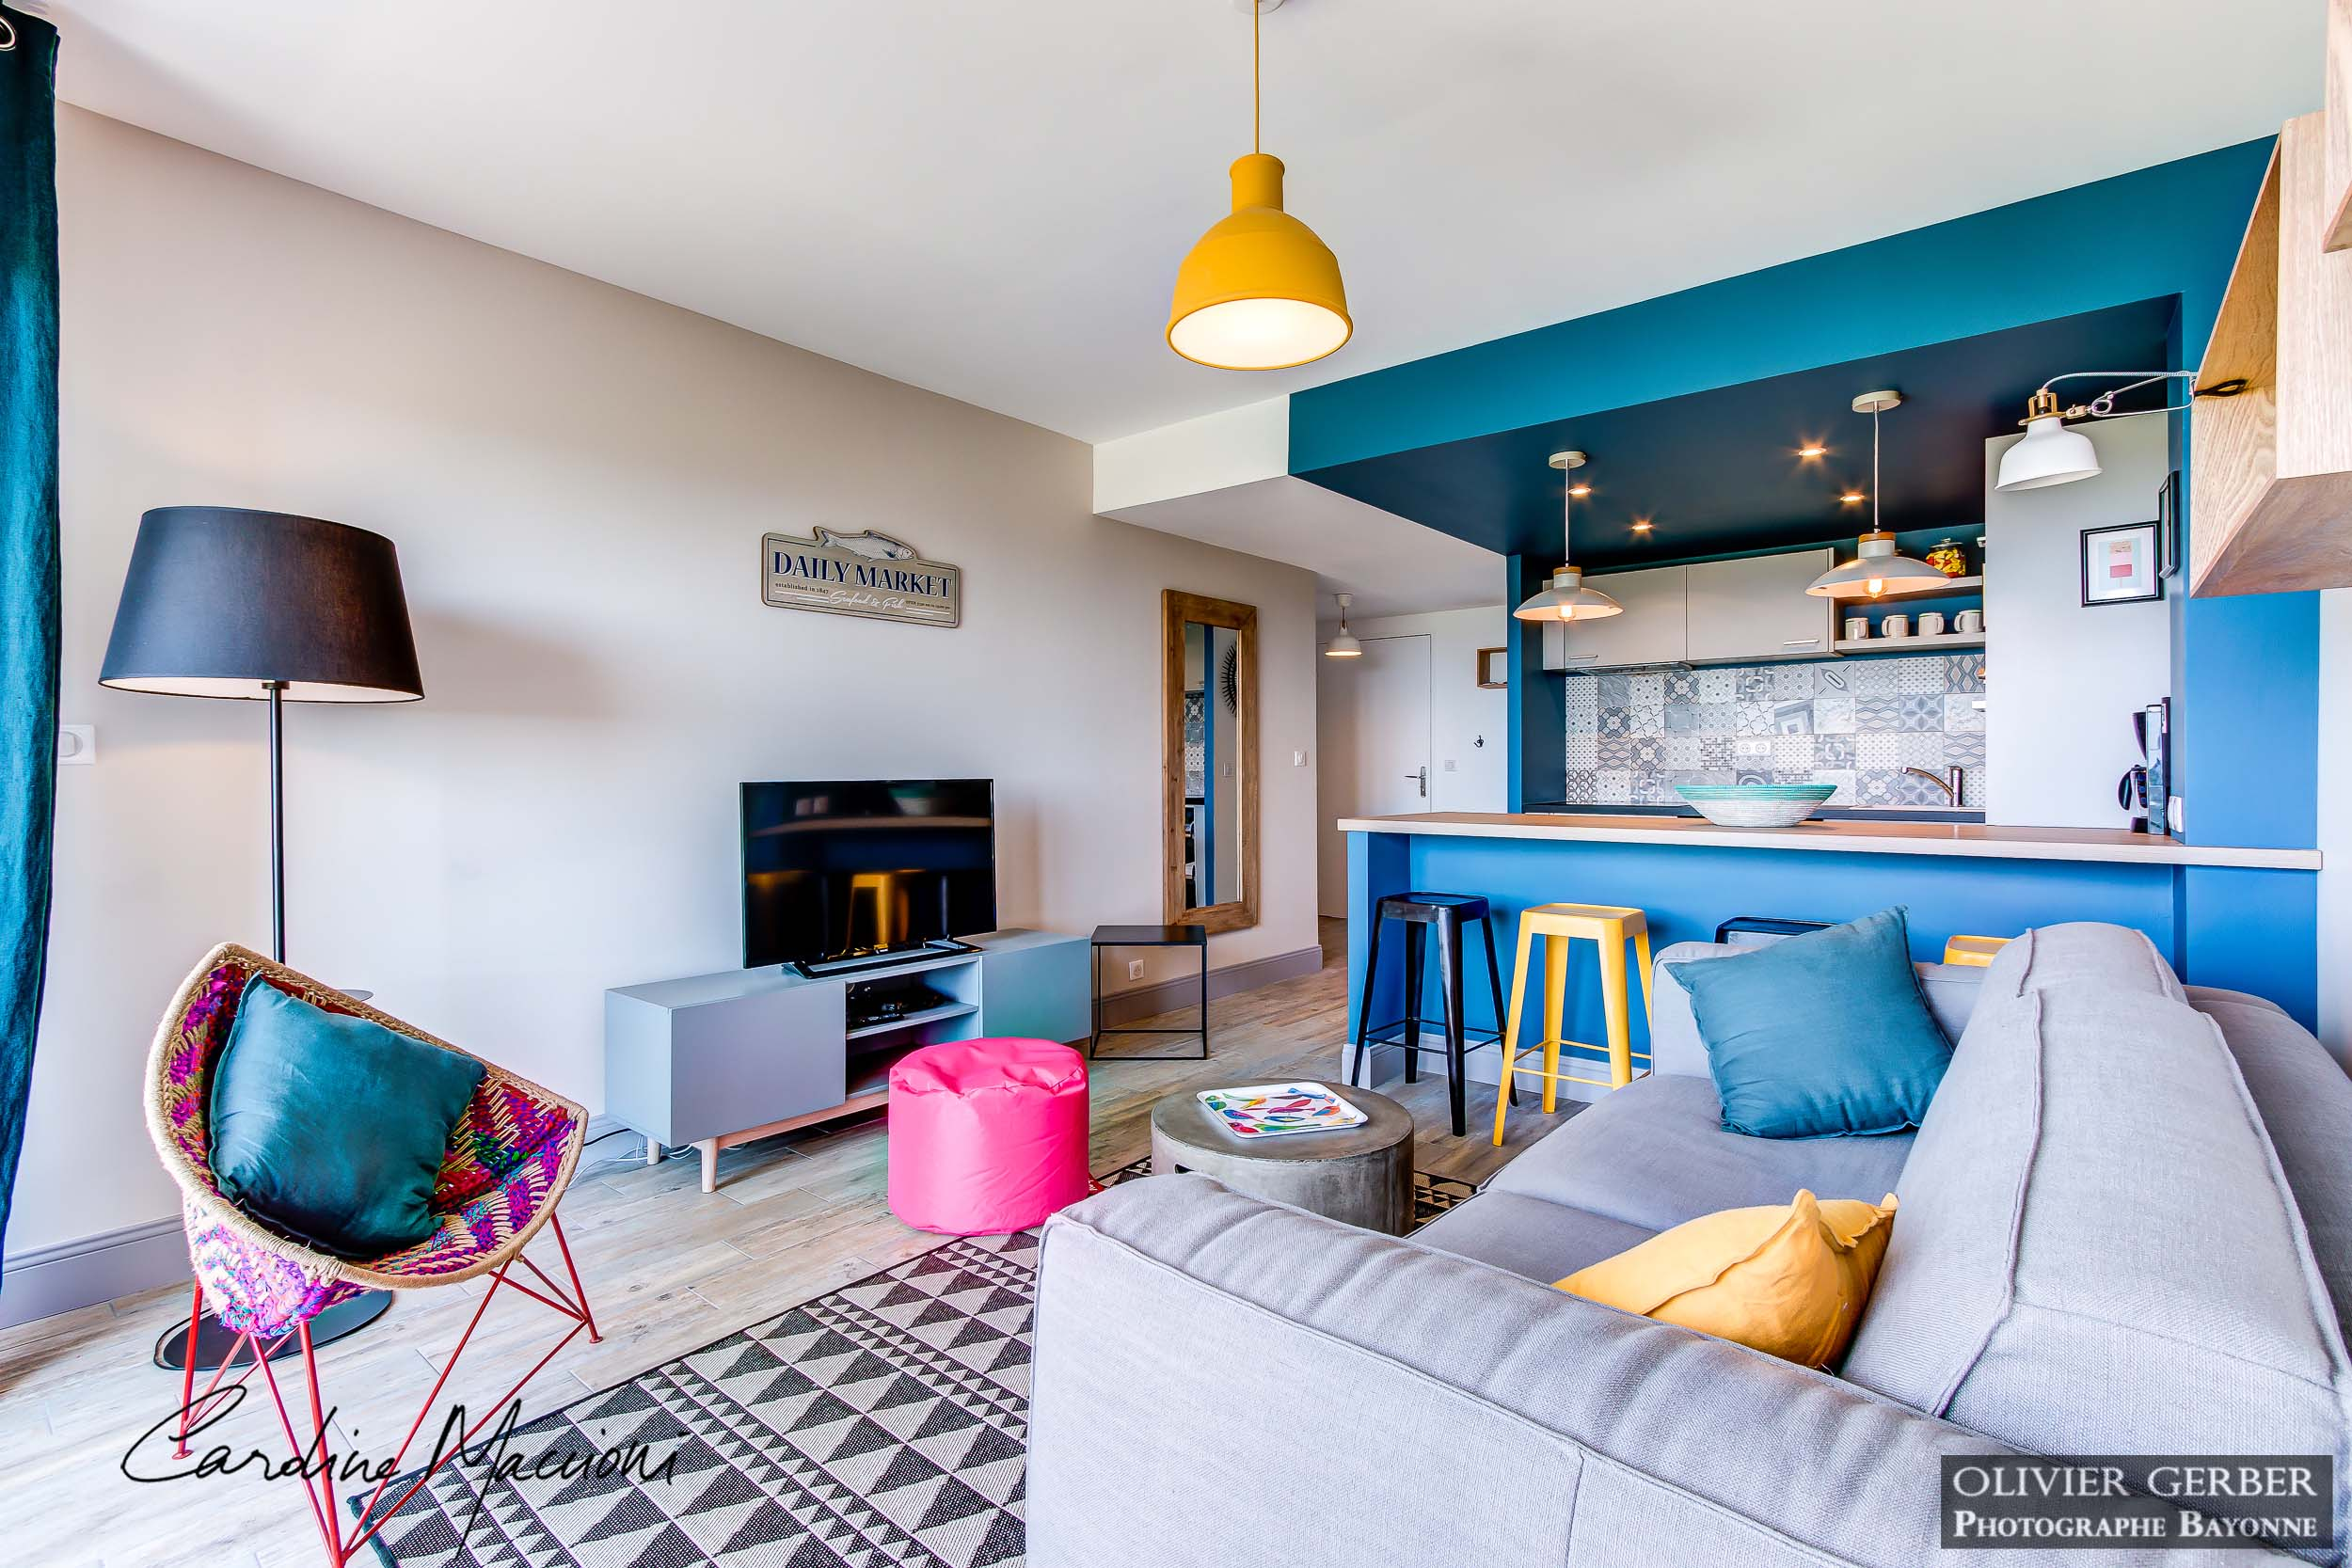 Décoration d'intérieur appartement location saisonnière Anglet 64 rénovation et aménagement F2 vacances Les Dunes Côte Basque 64